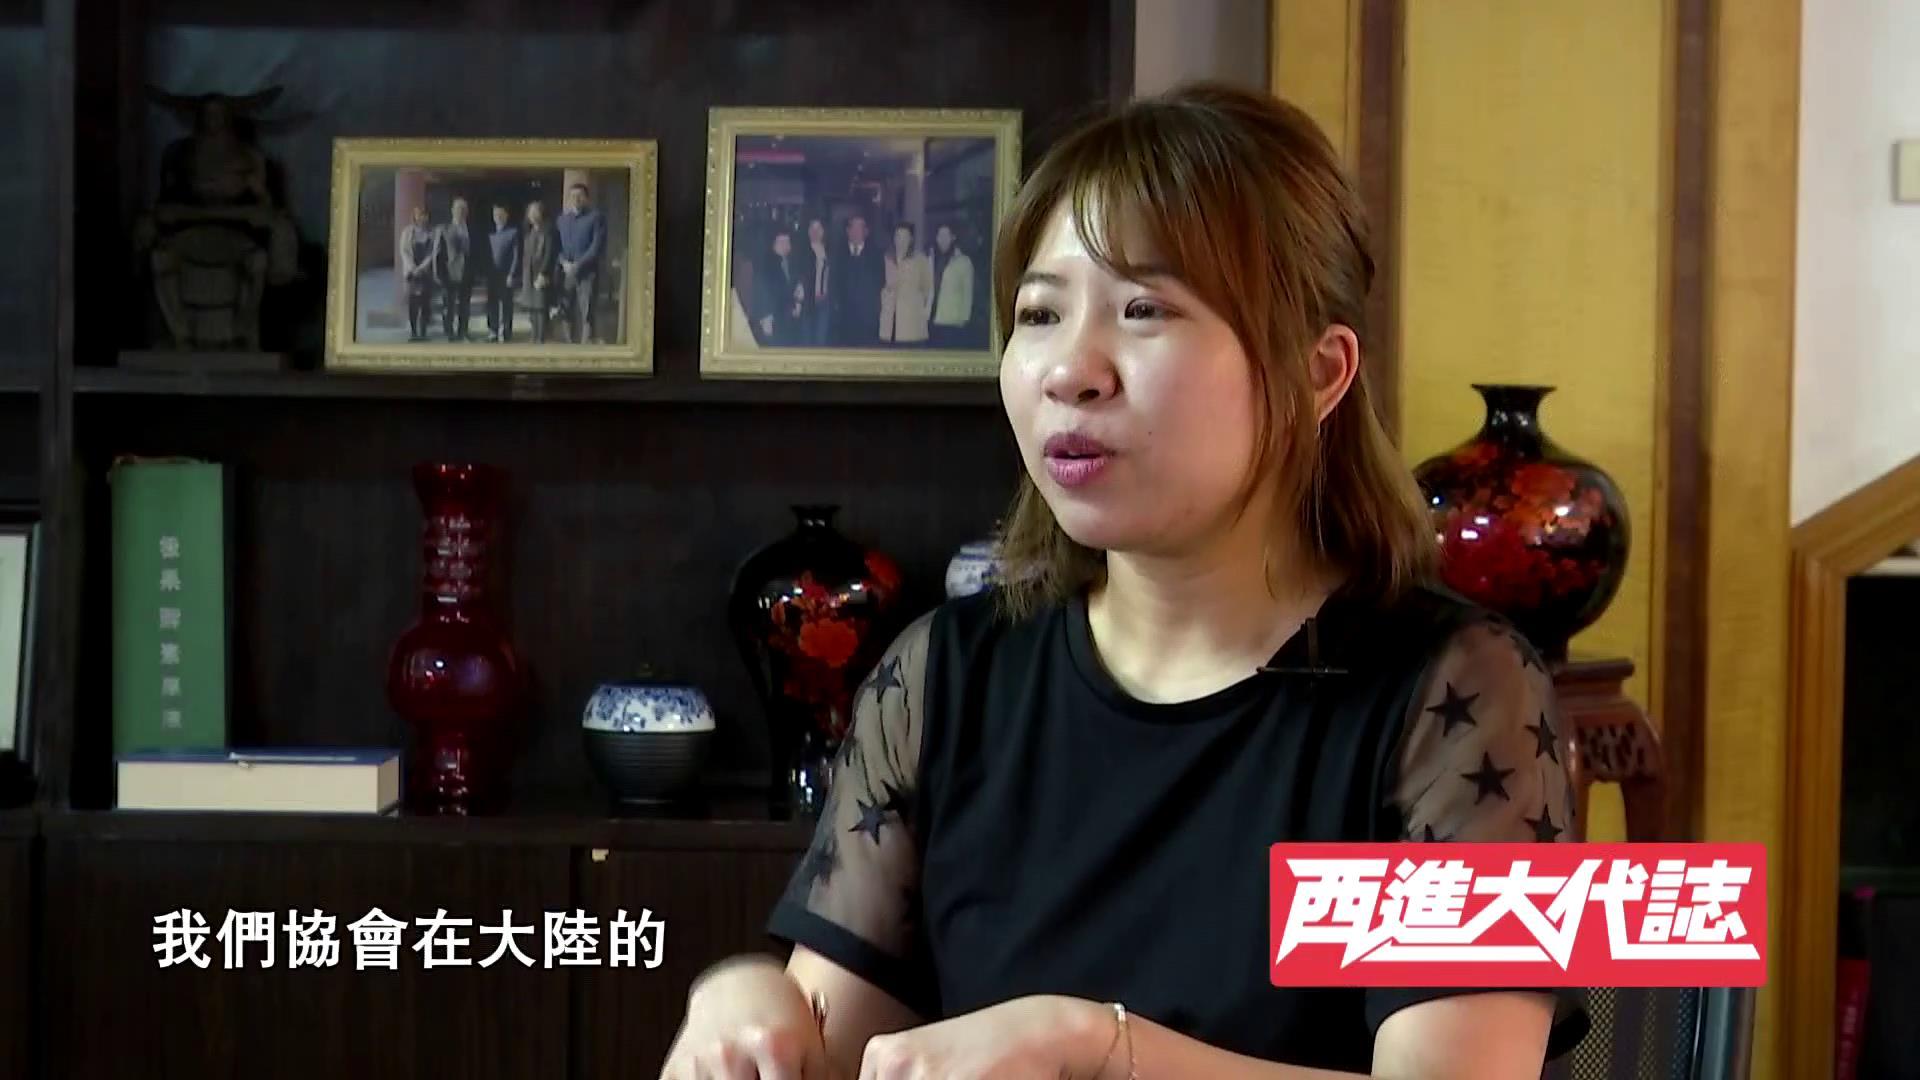 23.【西进大代志】厦门台青 王乃仙图片